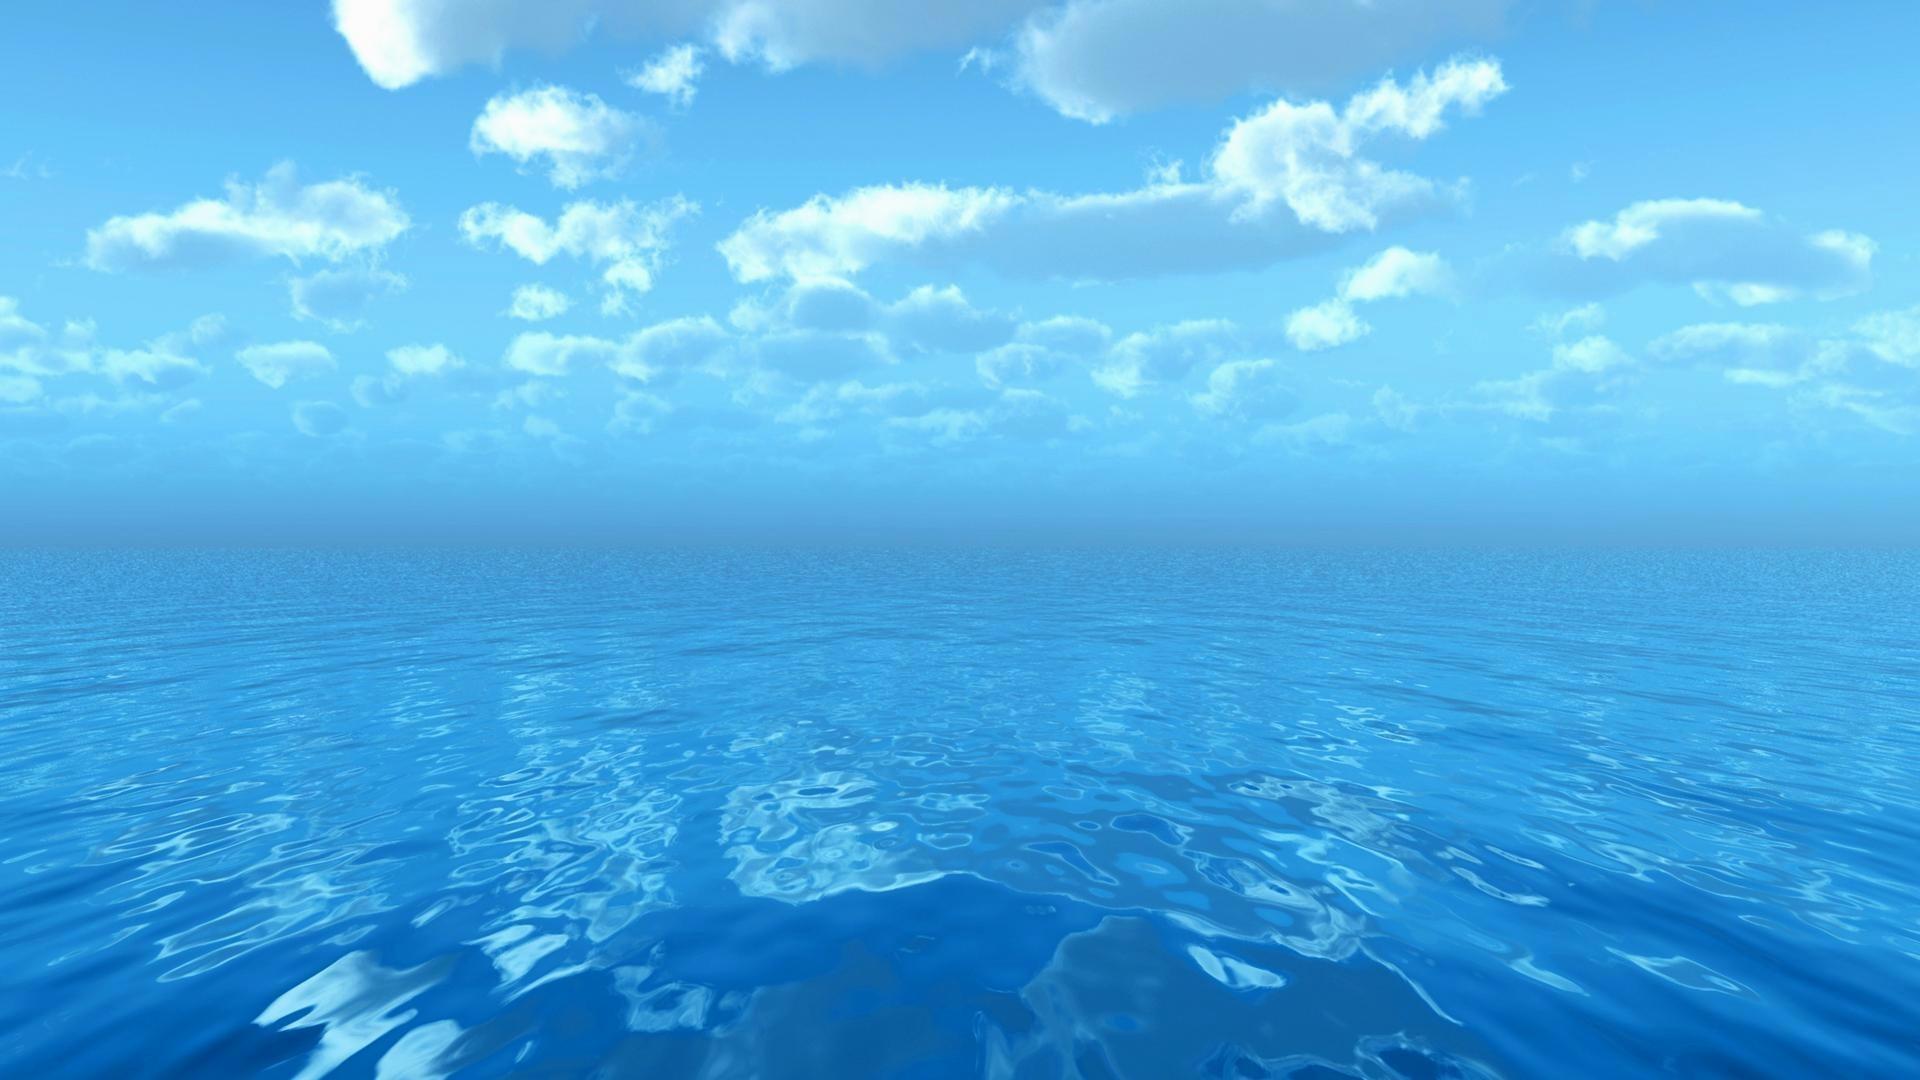 Dark blue ocean wallpaper